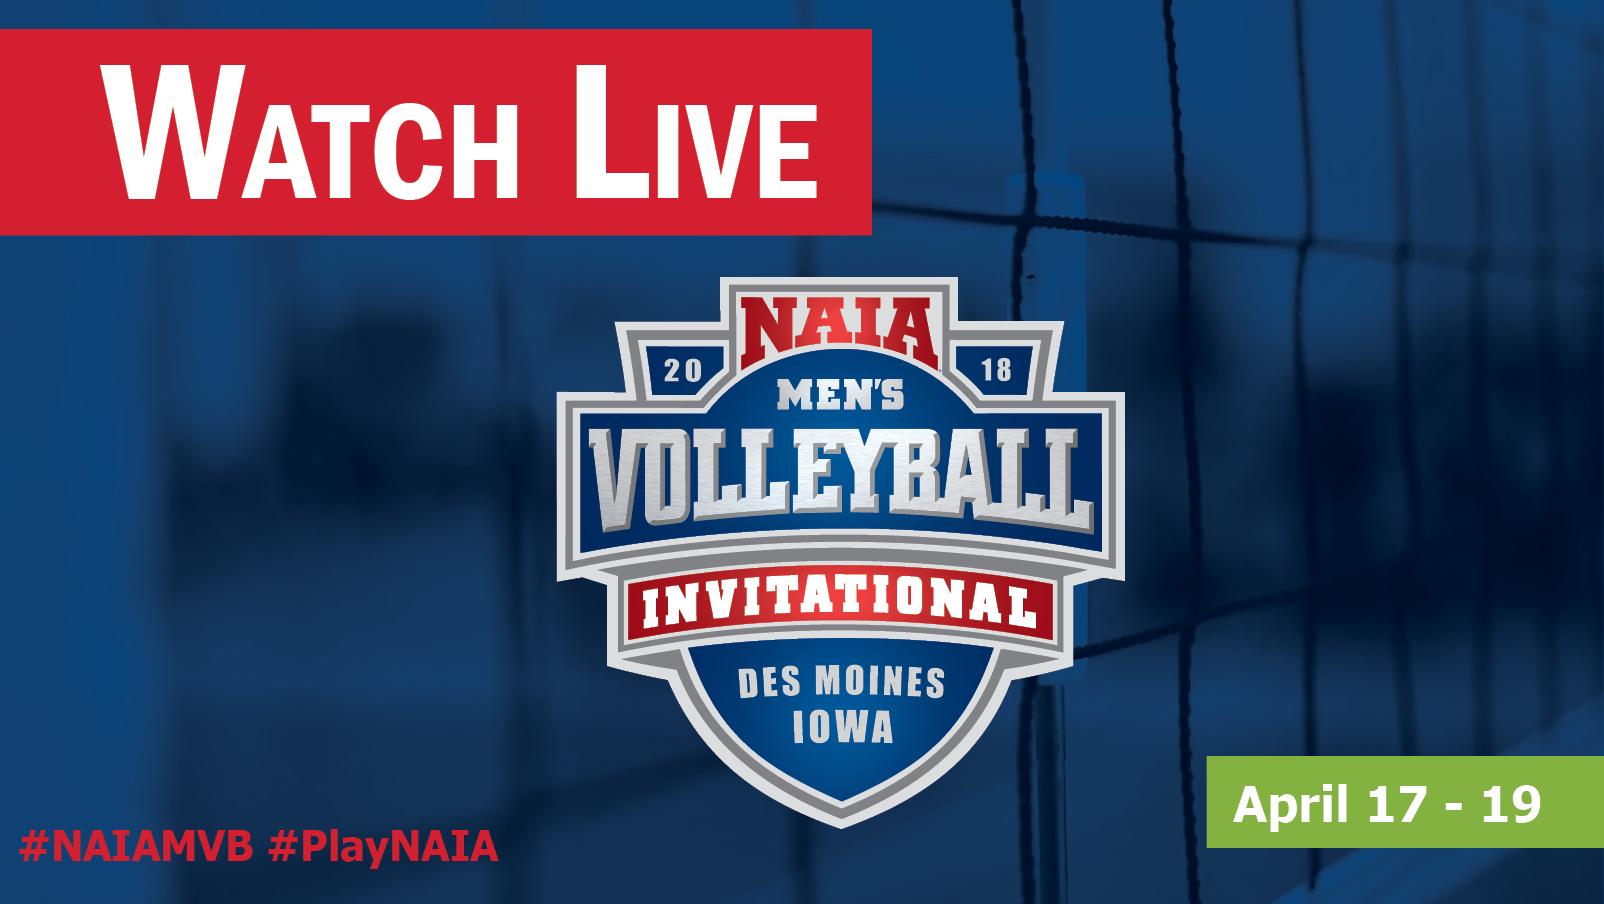 NAIA Men's Volleyball Invitational